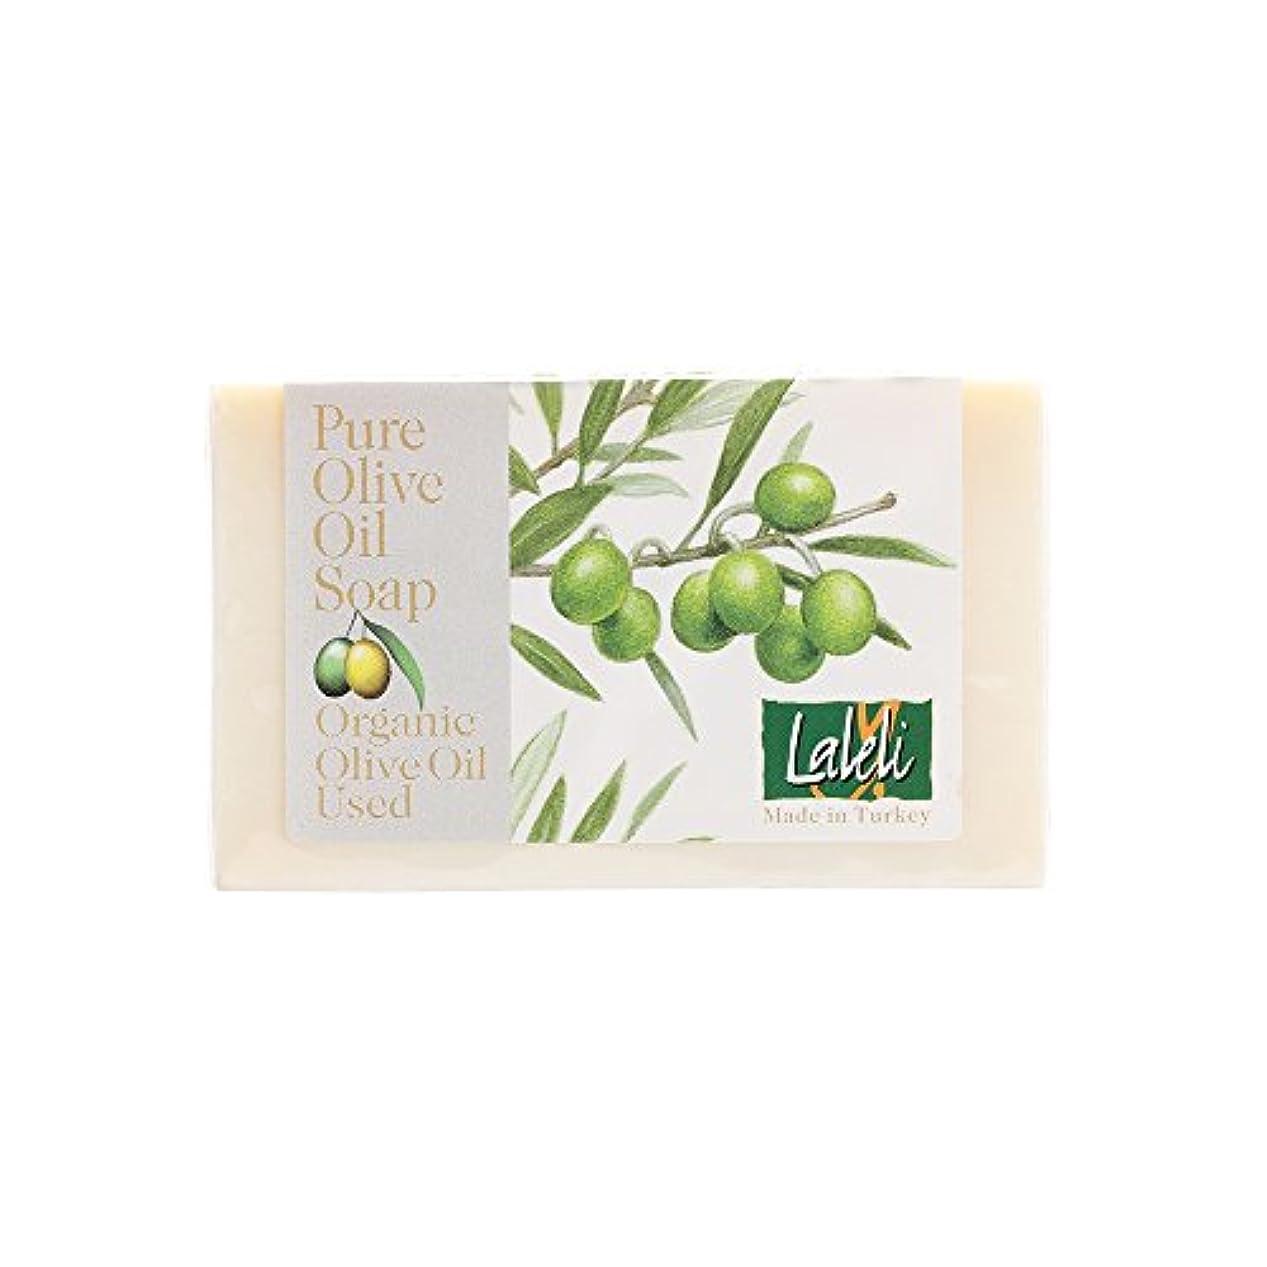 機構ペンフレンド道徳のラーレリ オーガニックオリーブオイルソープ 無香料 120g